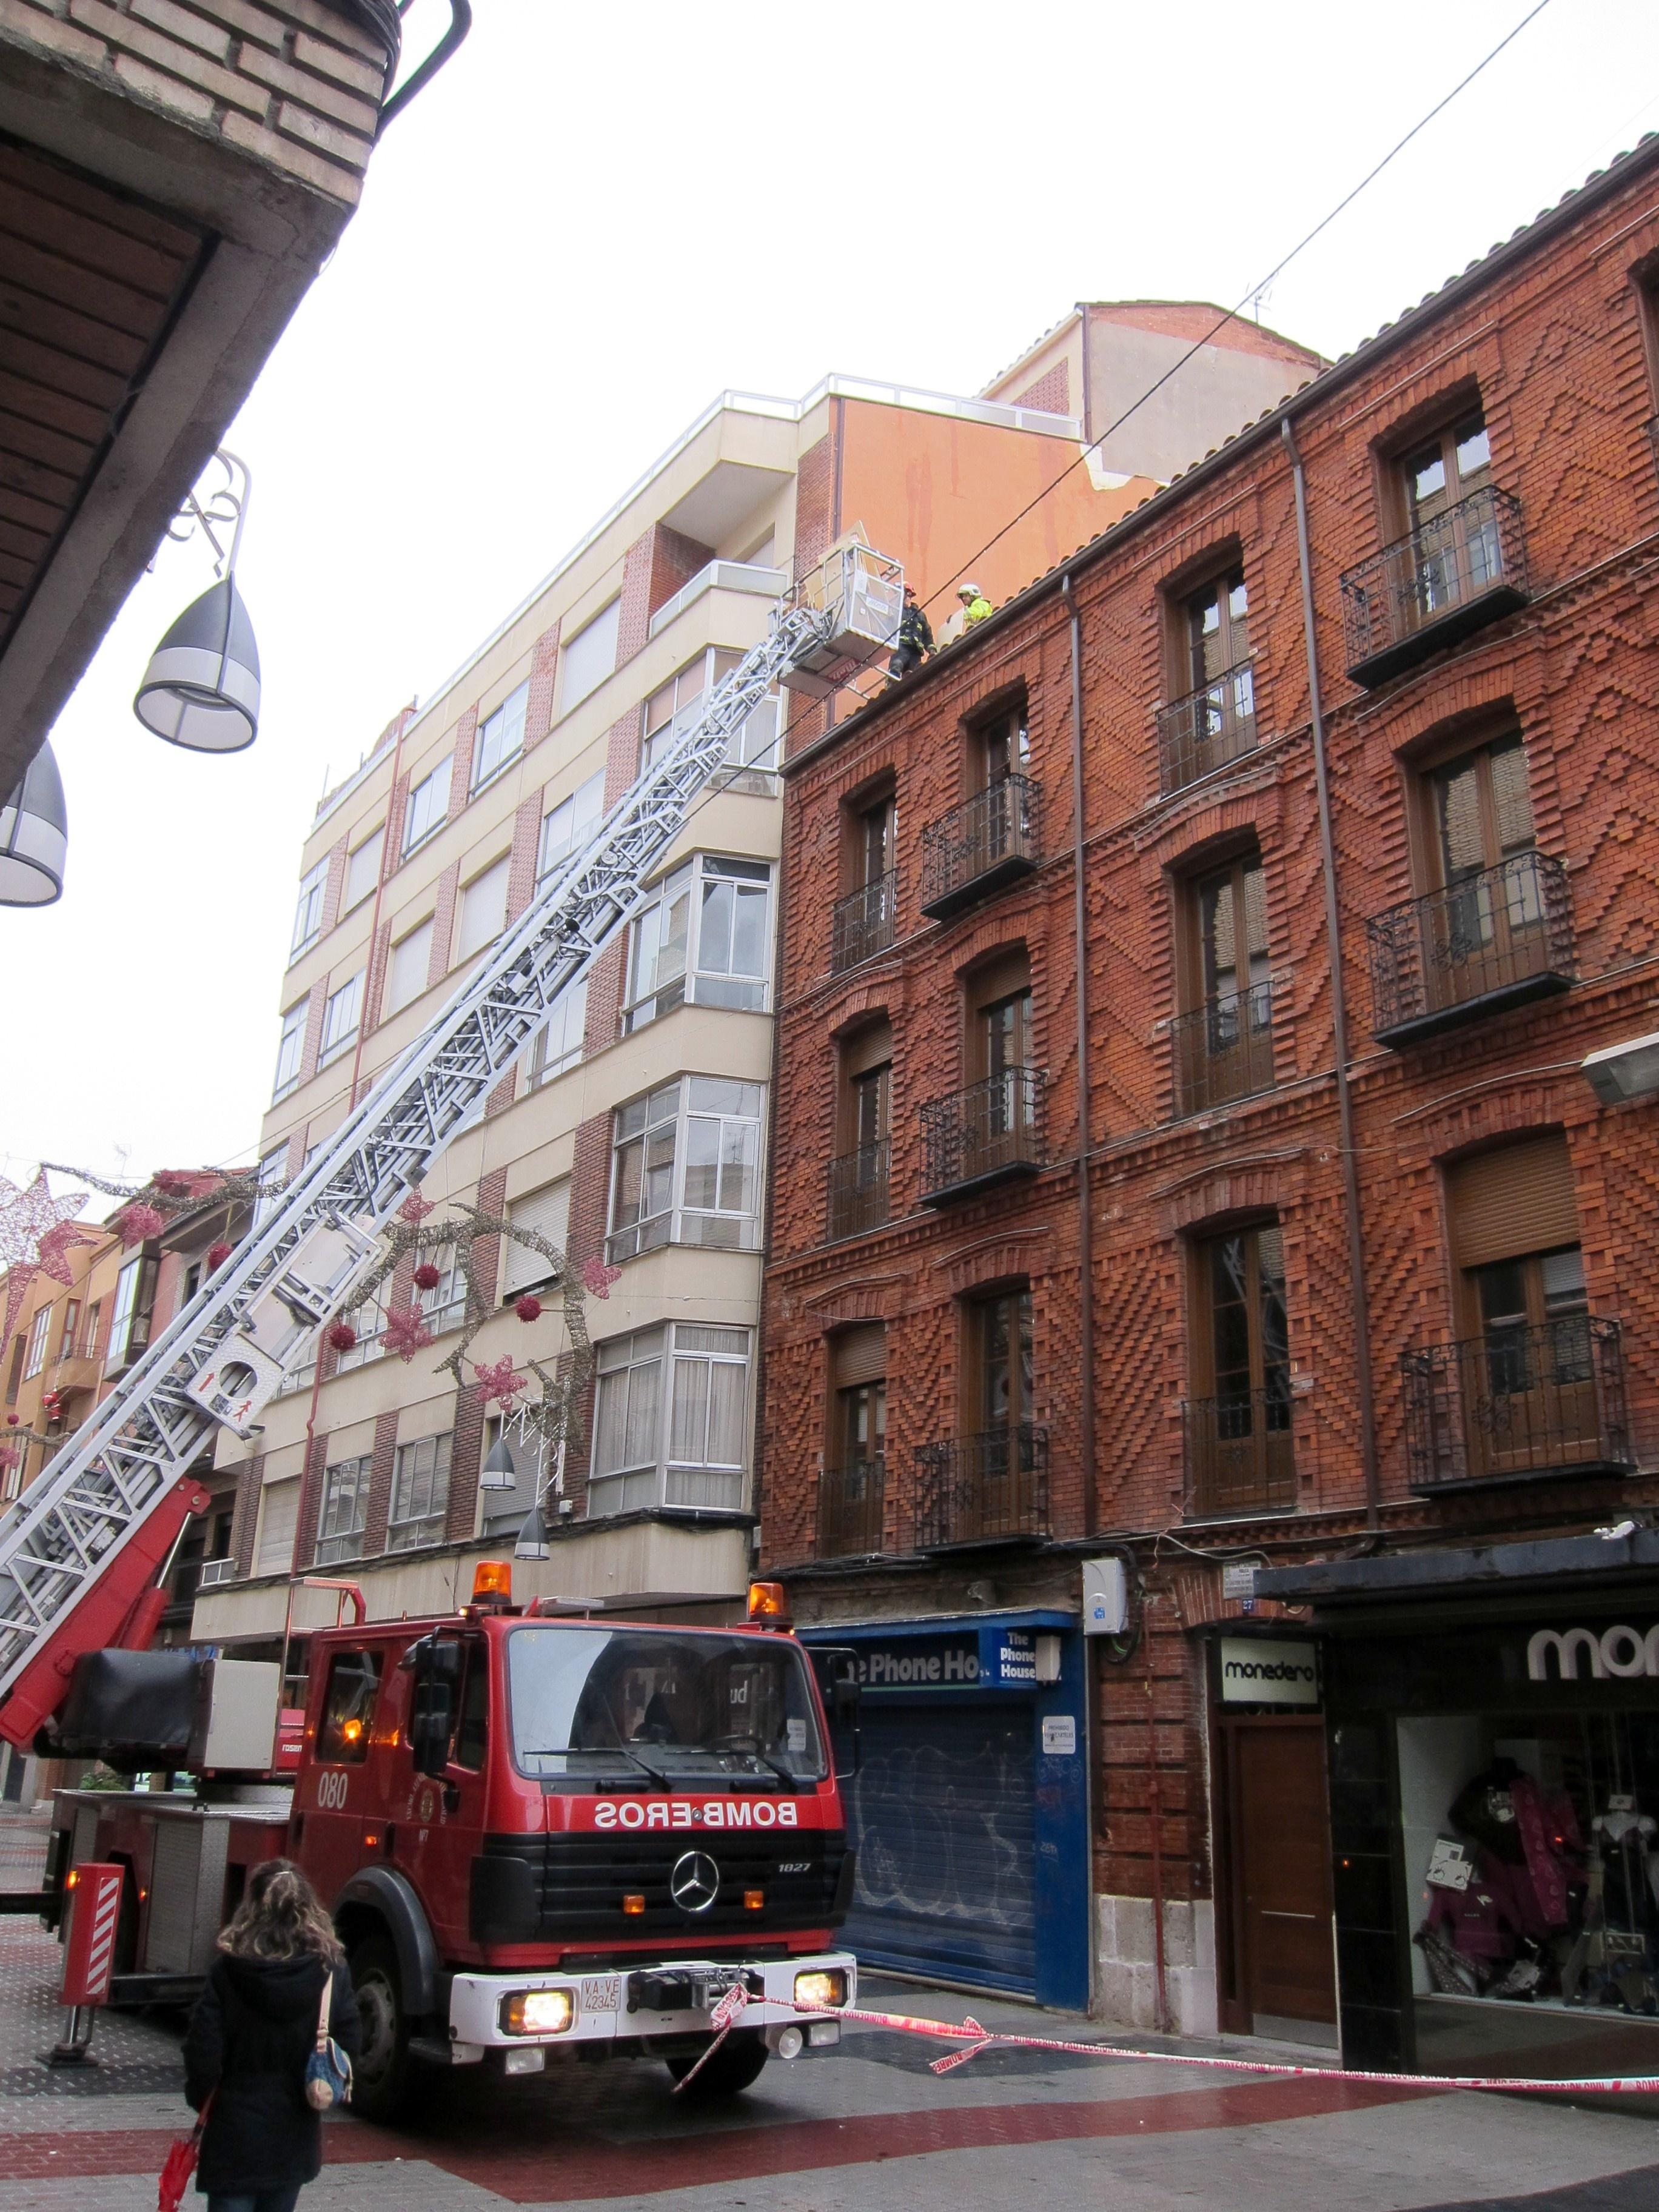 Bomberos retiran en Valladolid 30 metros cuadrados de revestimiento de una fachada desprendido por el viento